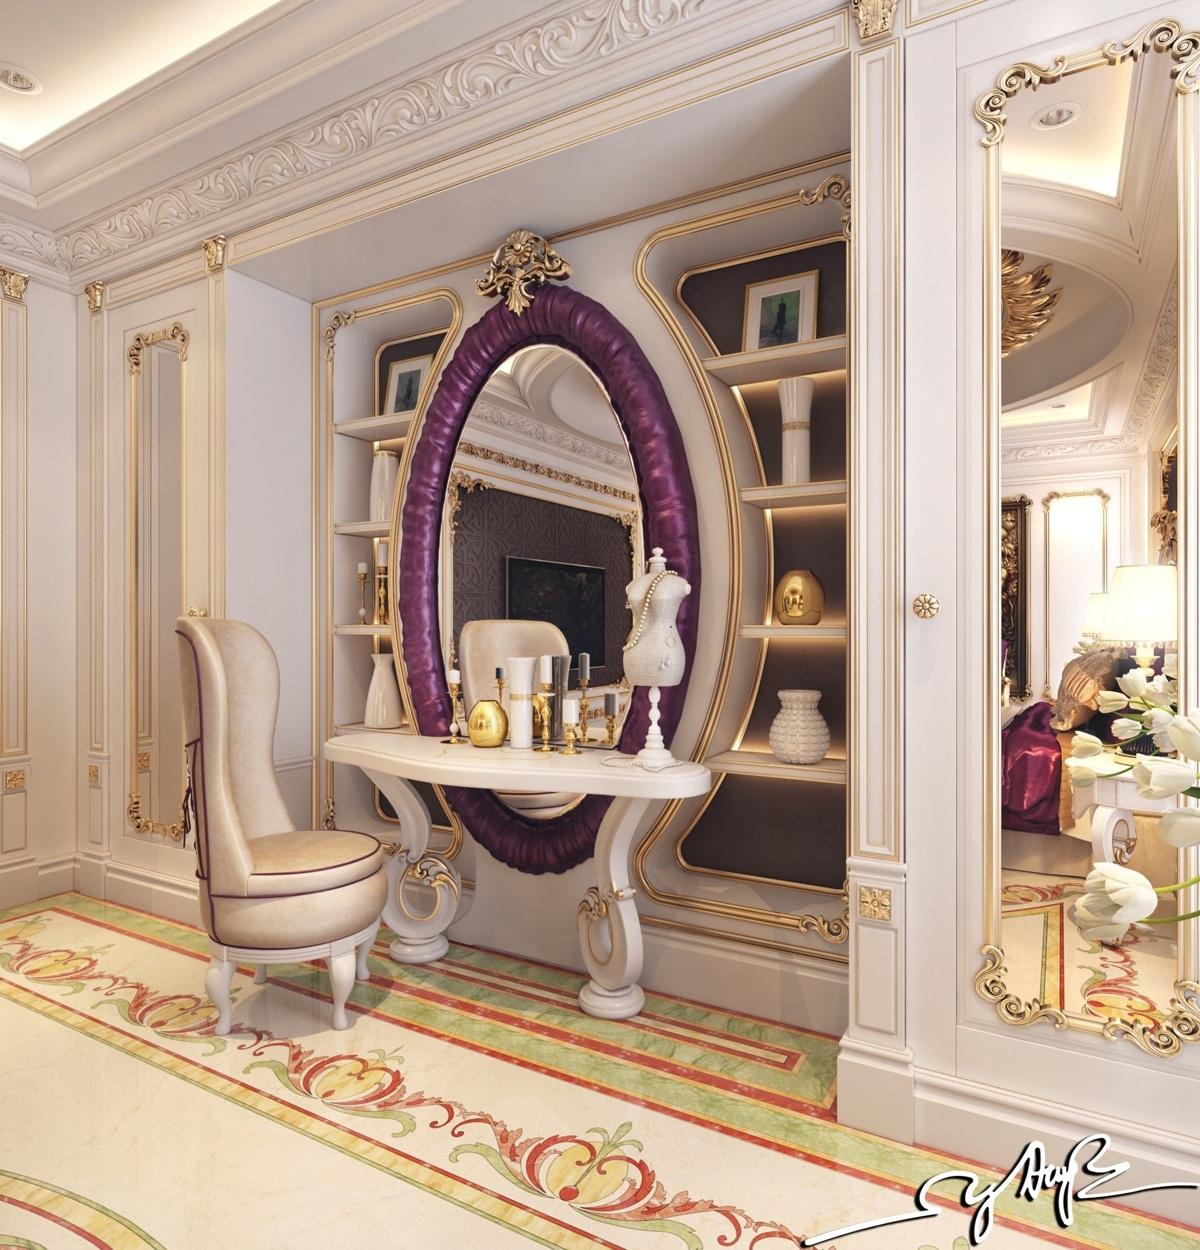 غرفة نوم كلاسيكية فخمة 4ب غرفة نوم كلاسيكية فخمة 4ب